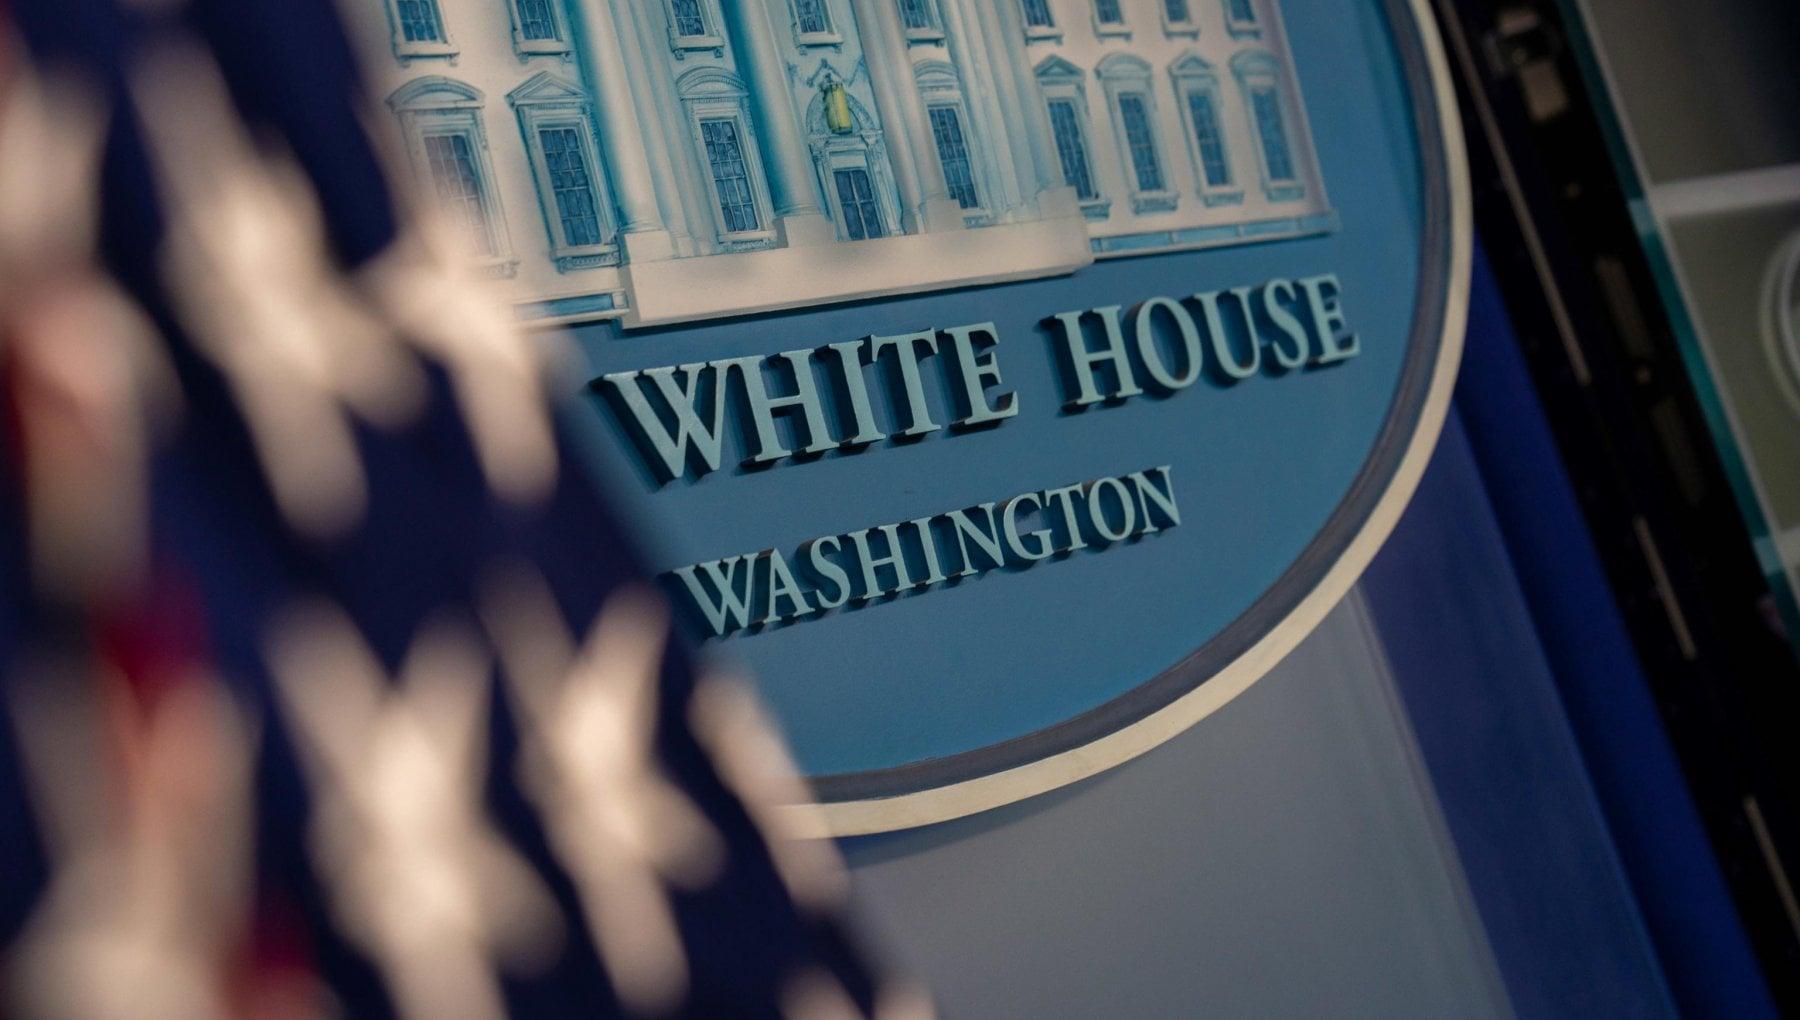 003725866 c02ce332 c289 4d0c a6c5 10f54b7de3b4 - Usa: pressing della Casa Bianca per dimissioni procuratore della Georgia